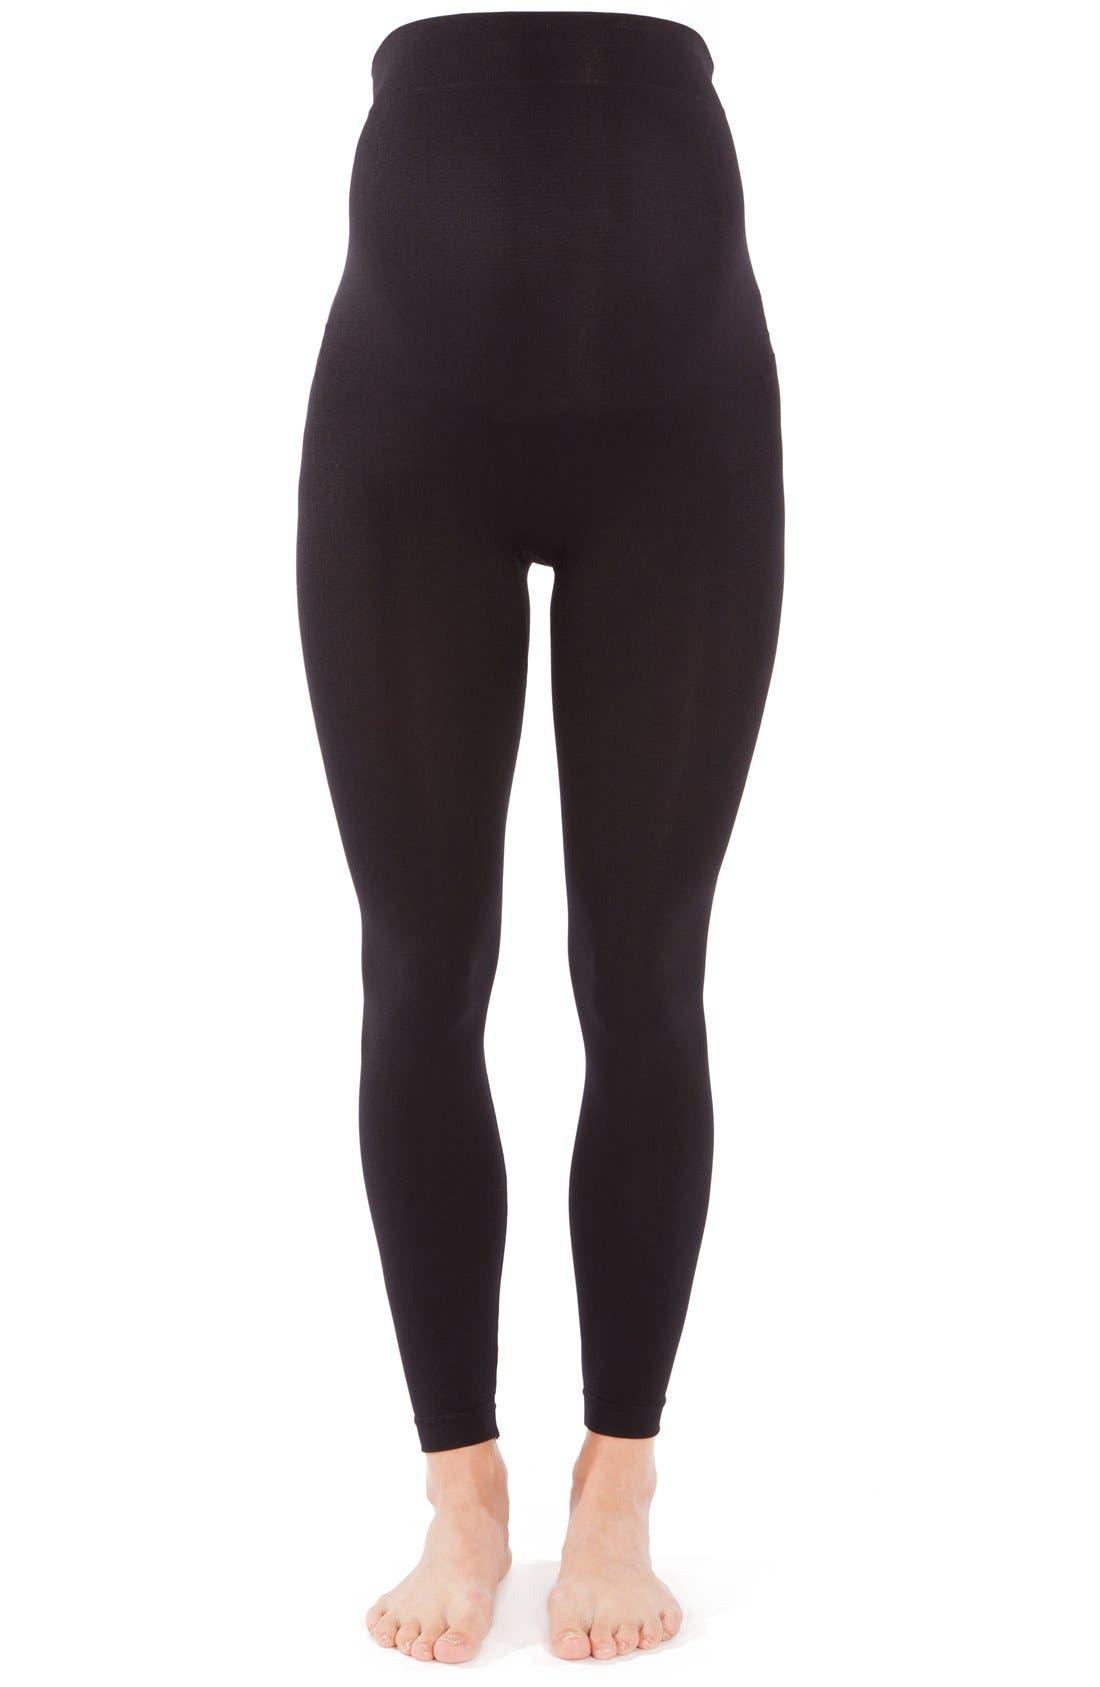 2-Pack Seamless Maternity Leggings,                         Main,                         color, BLACK